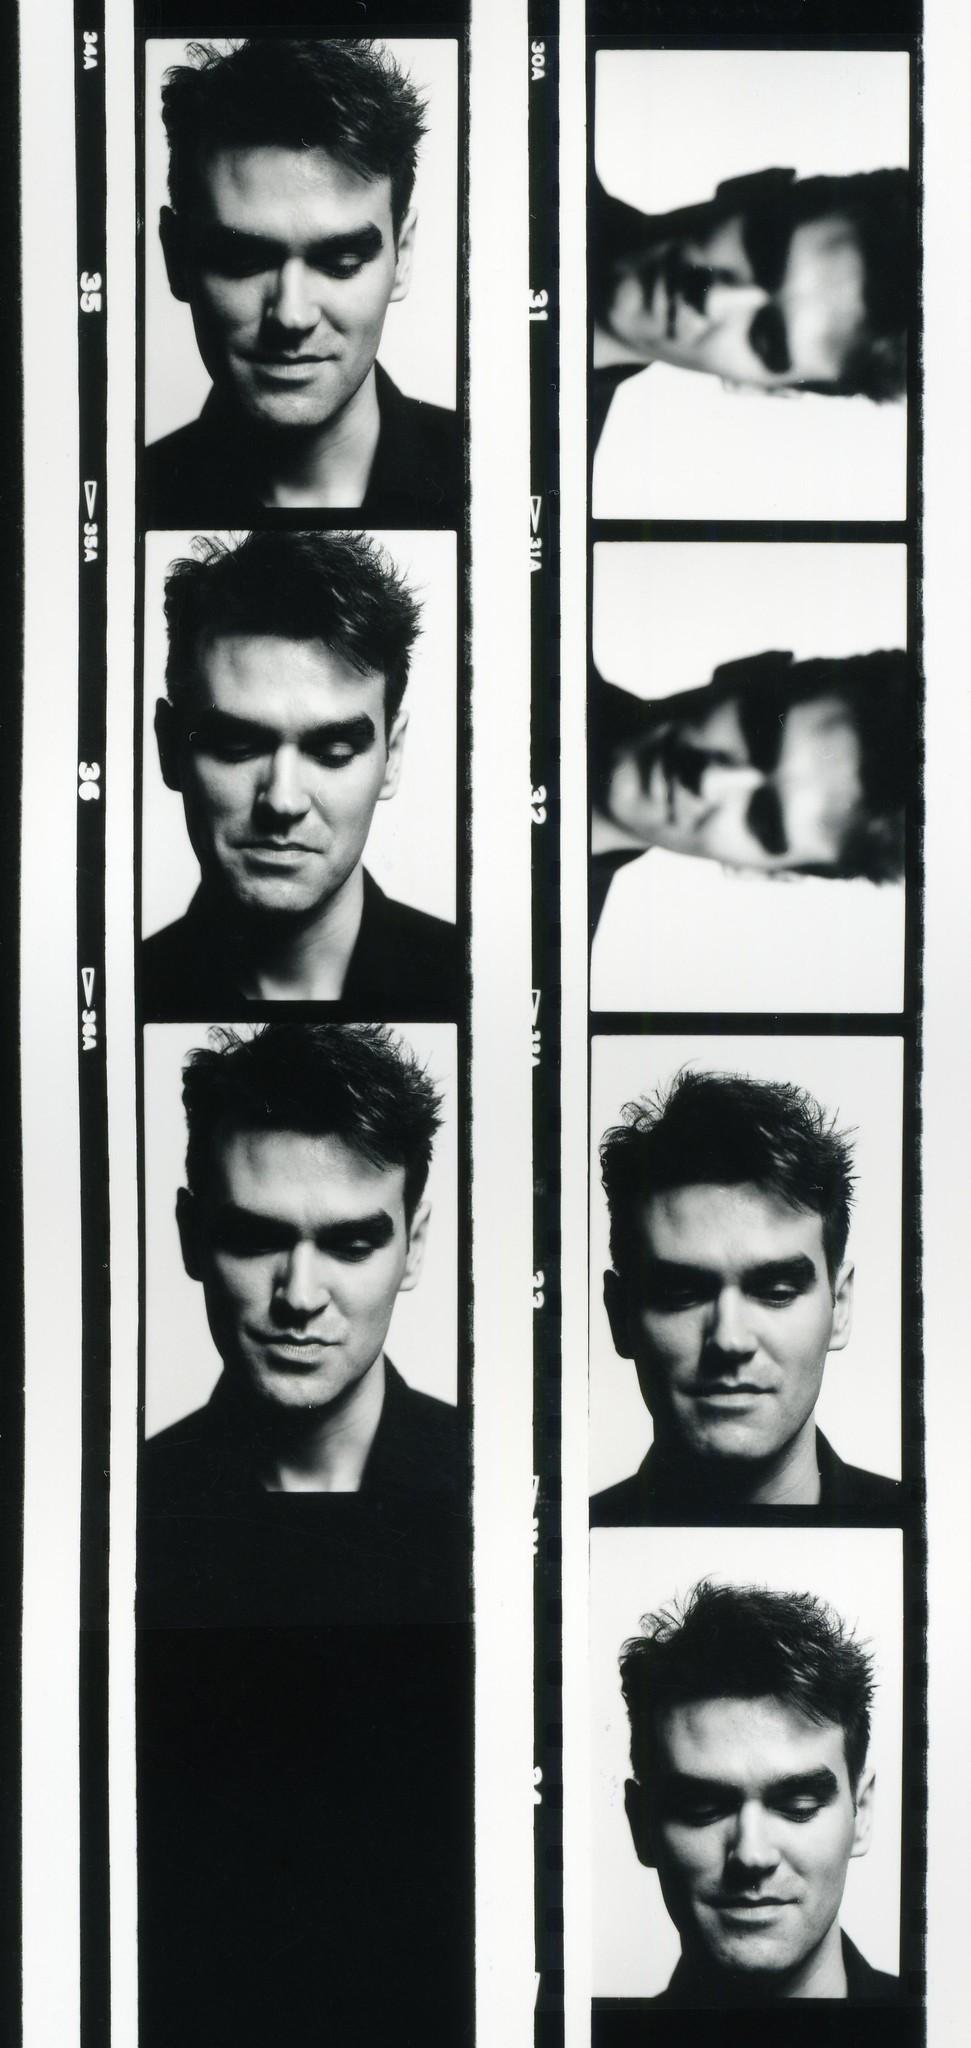 Morrissey Corbijn contact (ii).jpg